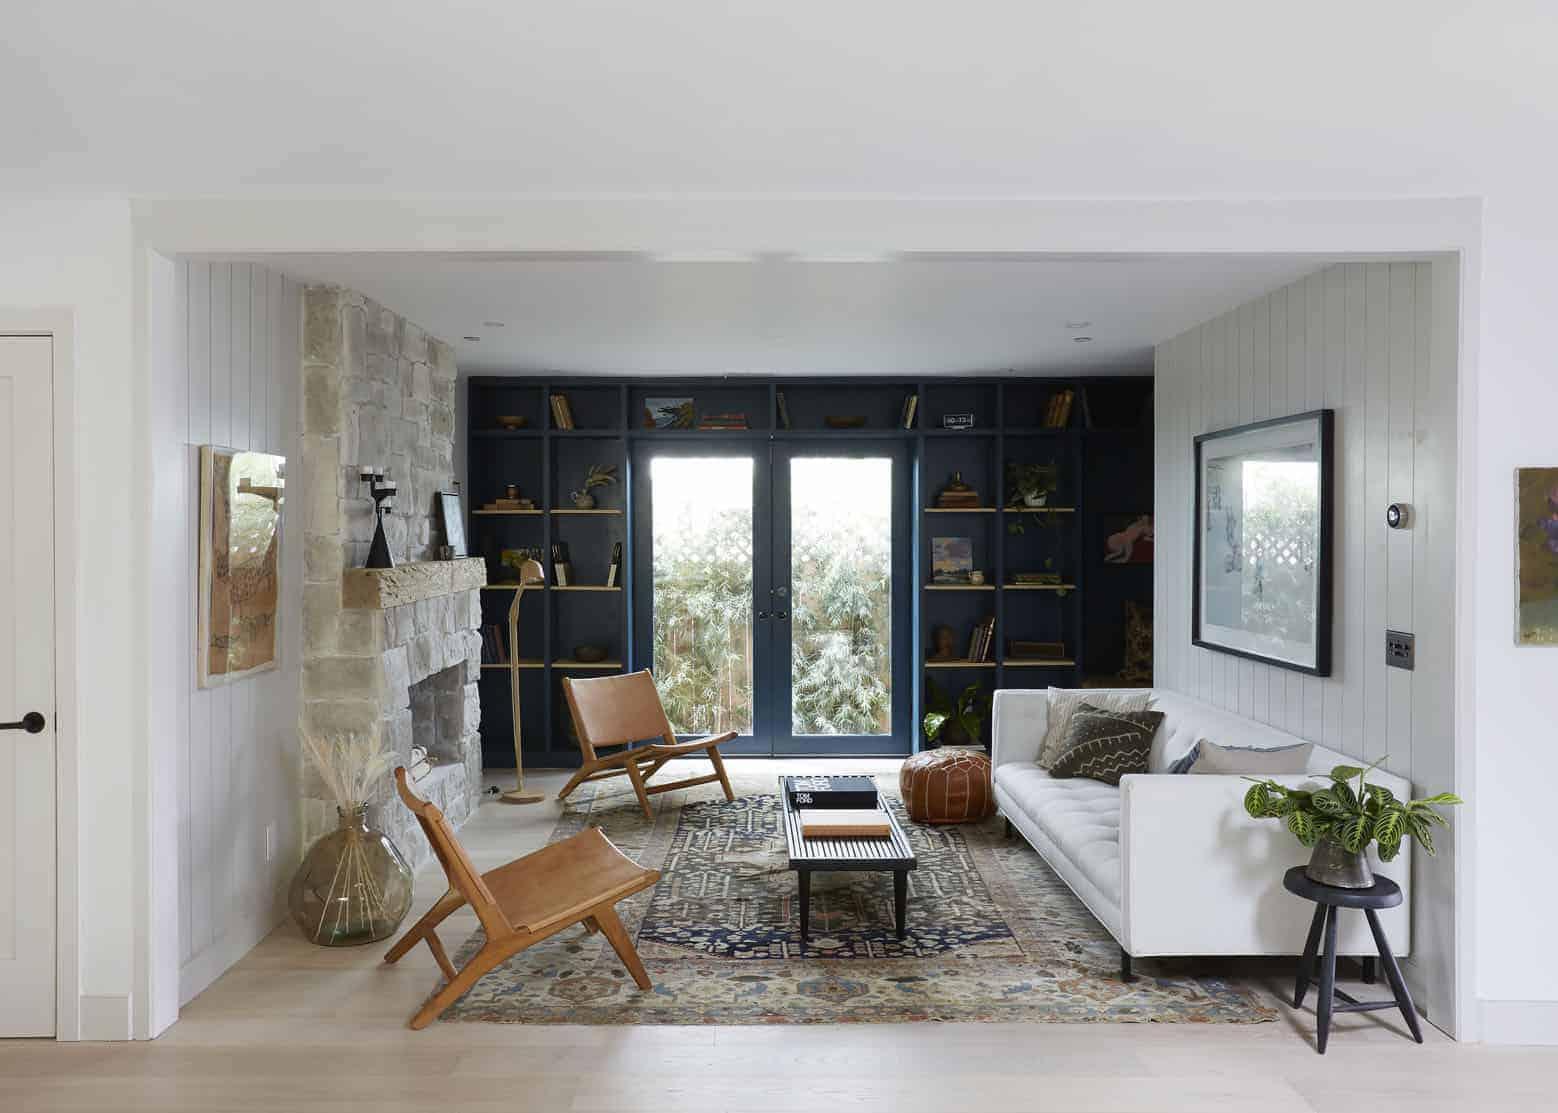 """هل تبحث عن مشروع """"تحديث"""" منزلي؟ يحتوي هذا المنزل على 5 أفكار ستلهمك بشدة"""